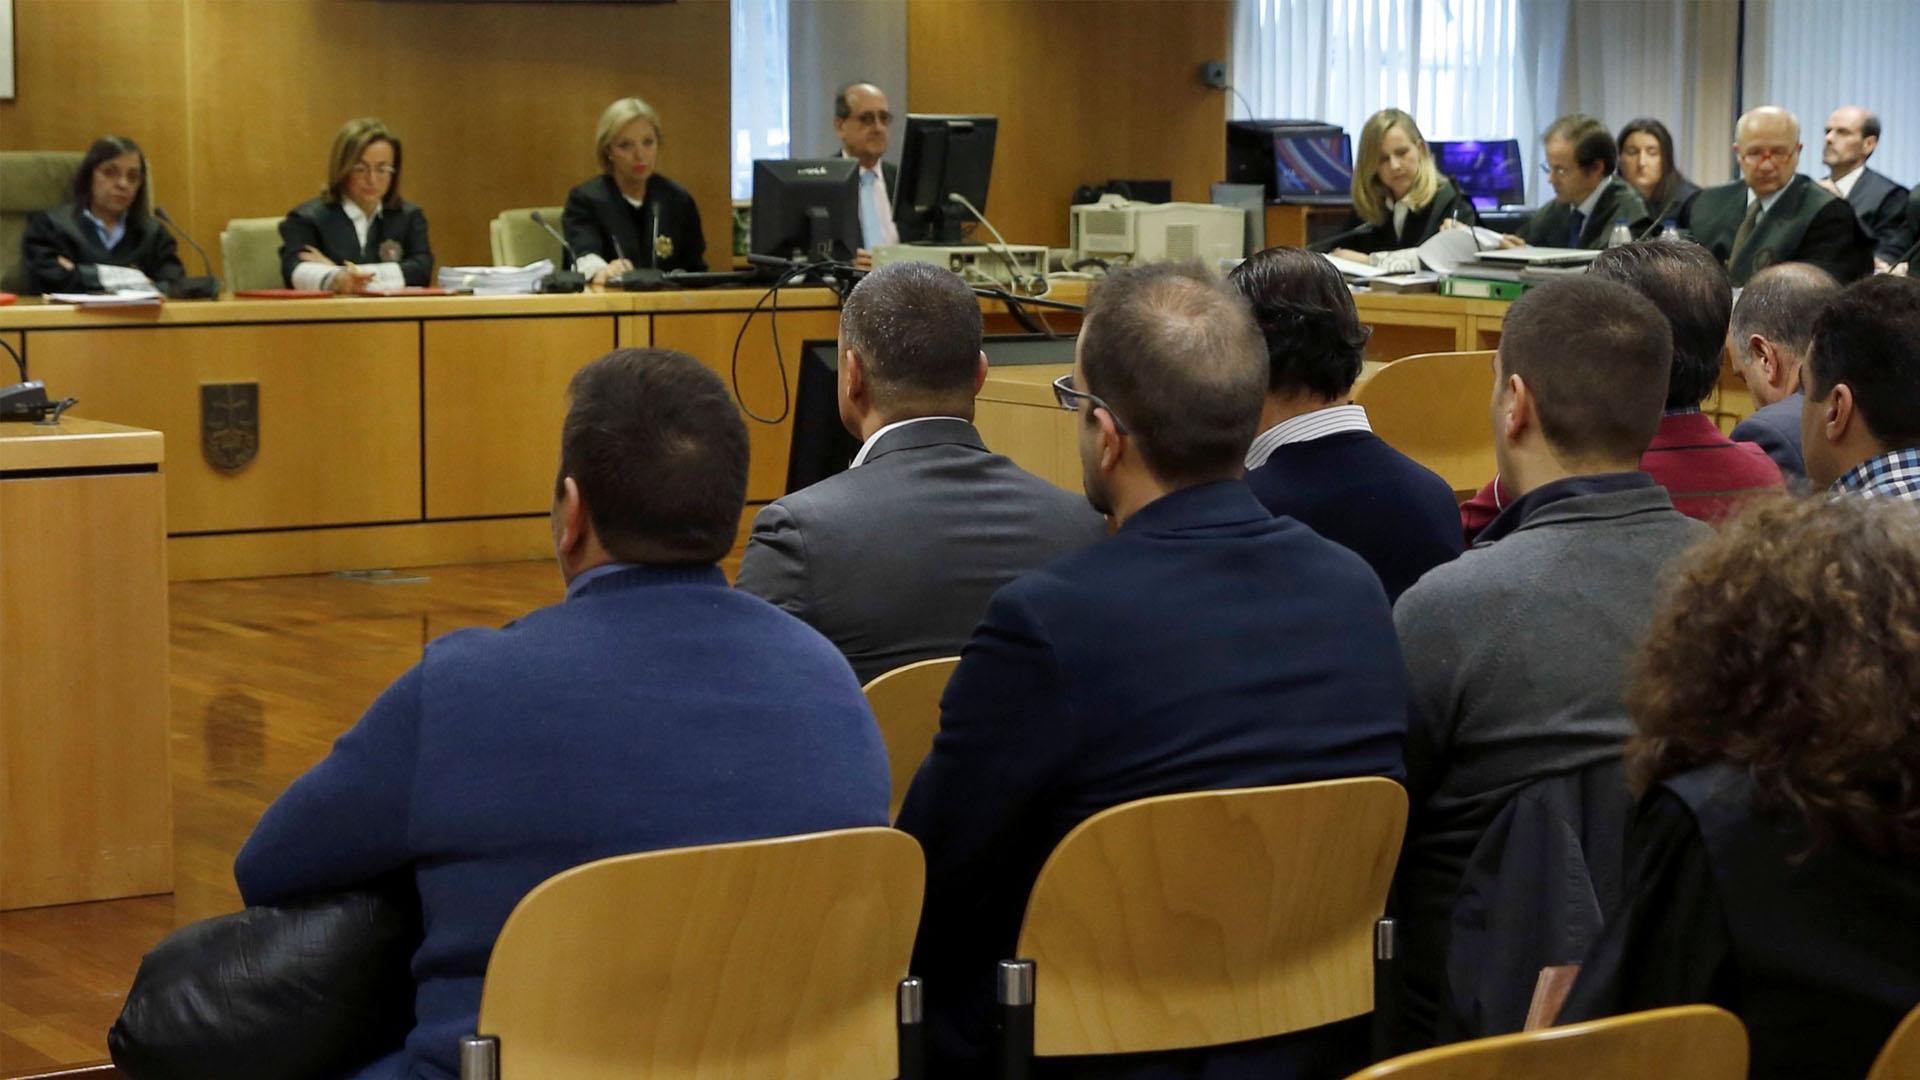 Miguel Ángel Flores y otros tres individuos fueron sentenciados en vista de la avalancha de gente que acabo con la vida de cuatro jóvenes en Madrid